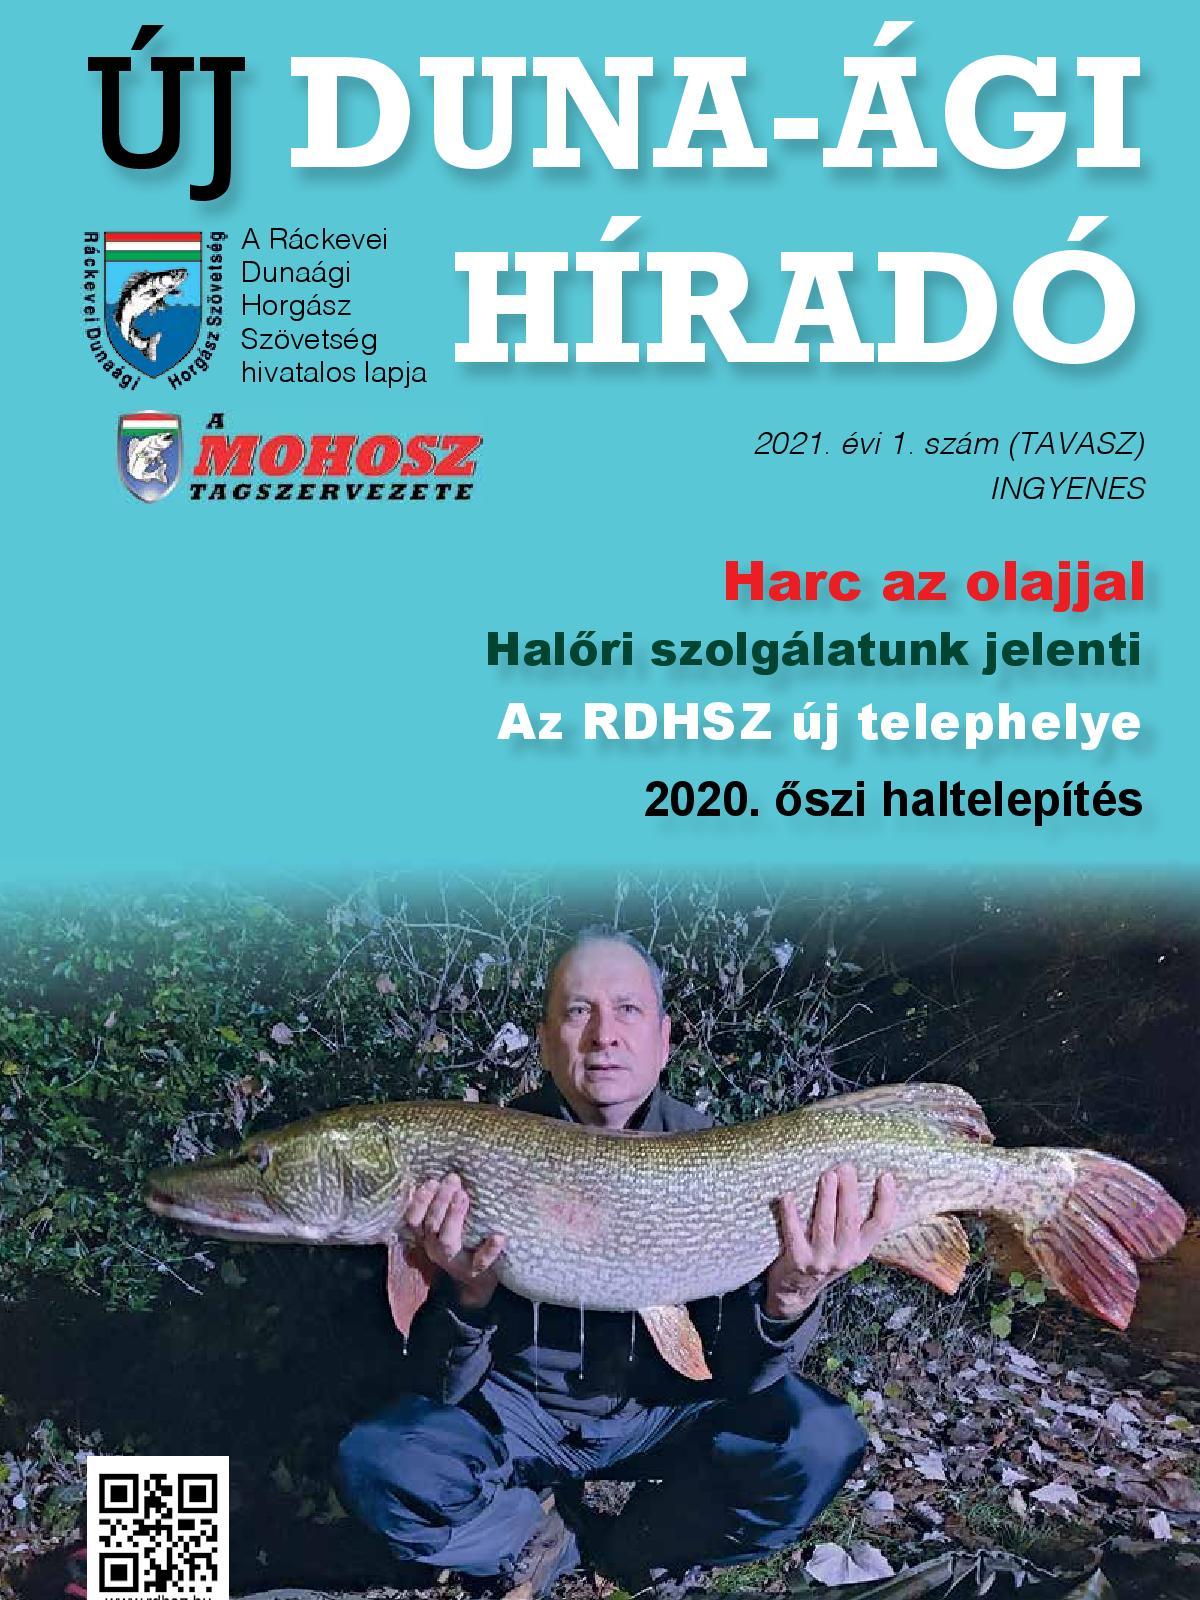 Megjelent az Új Duna-ági Híradó tavaszi száma